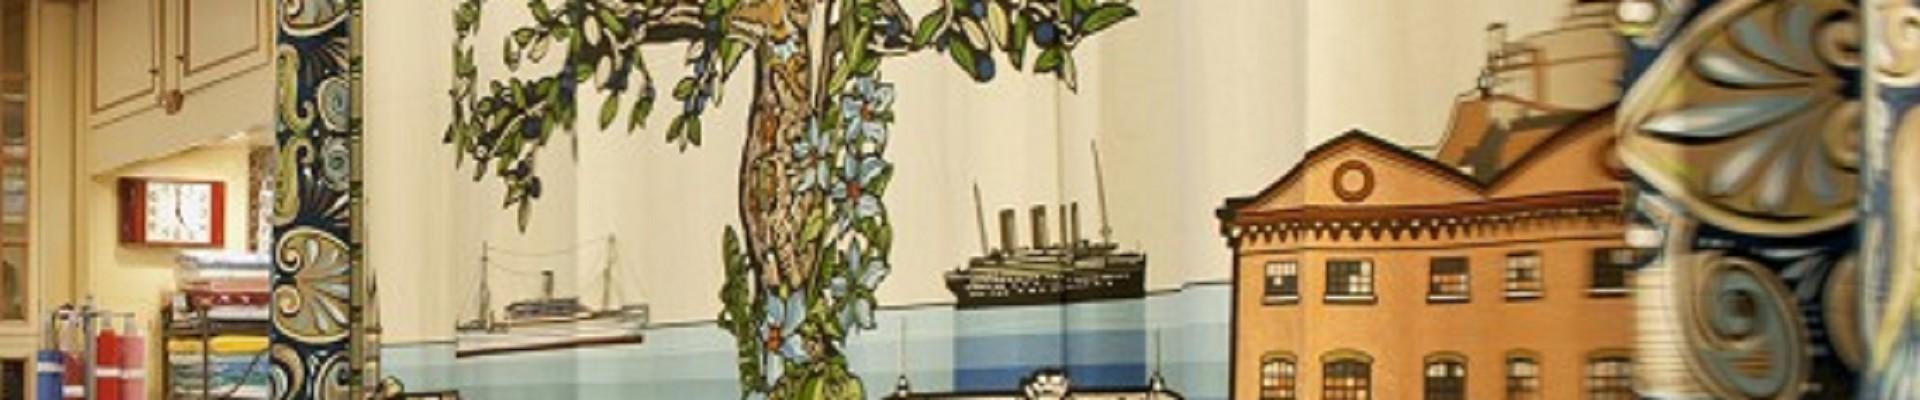 Biancheria casa tutte le offerte cascare a fagiolo - Biancheria per la casa vendita on line ...